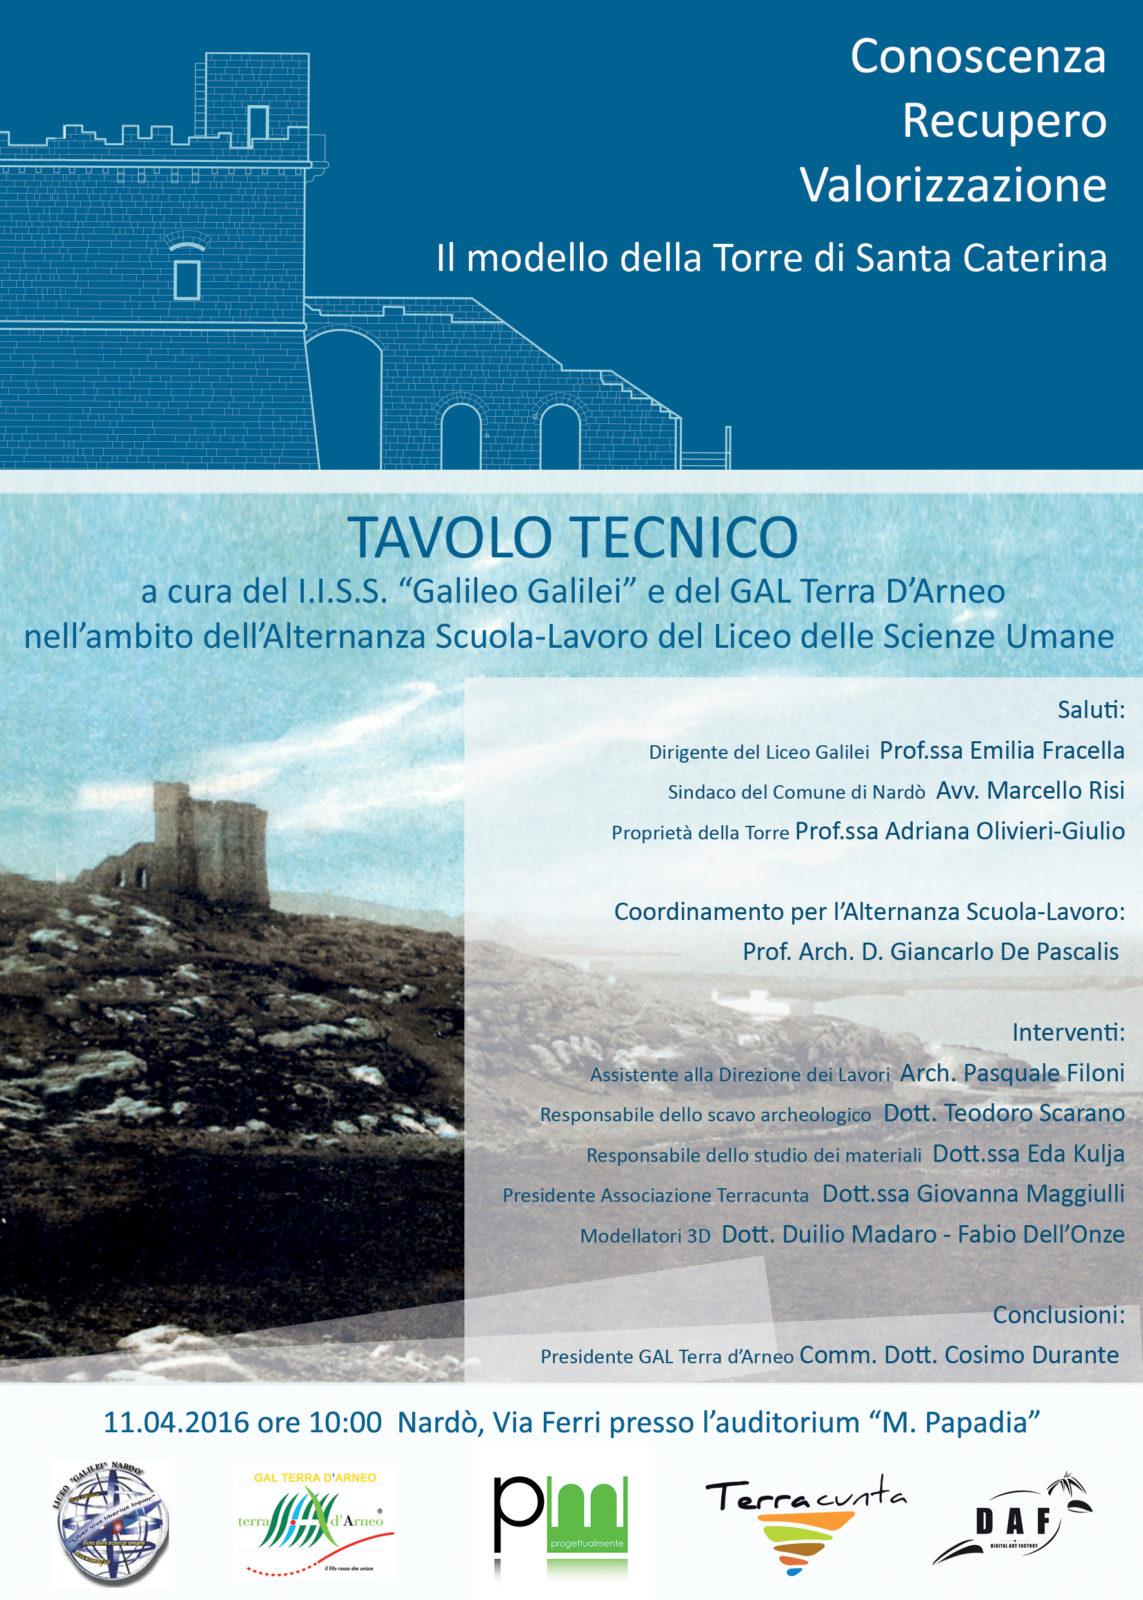 TAVOLO TECNICO: Conoscenza, Recupero, Valorizzazione: il modello della Torre di Santa Caterina in Nardò